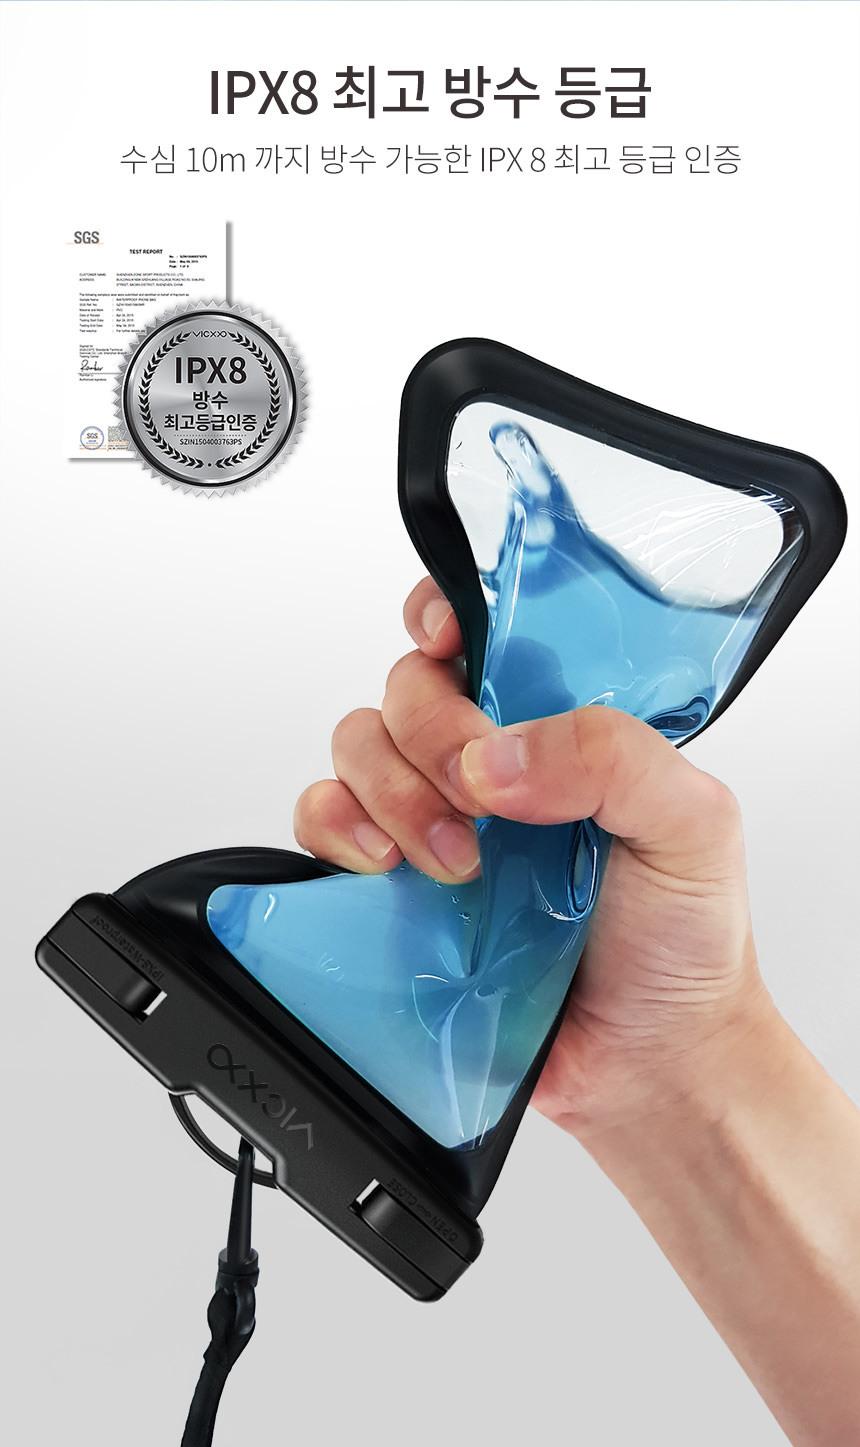 IPX-8등급 스마트폰 방수팩 P1 화이트+화이트16,900원-VICXXO디지털, 스마트기기 주변기기, 방수케이스/방수팩, 방수팩바보사랑IPX-8등급 스마트폰 방수팩 P1 화이트+화이트16,900원-VICXXO디지털, 스마트기기 주변기기, 방수케이스/방수팩, 방수팩바보사랑